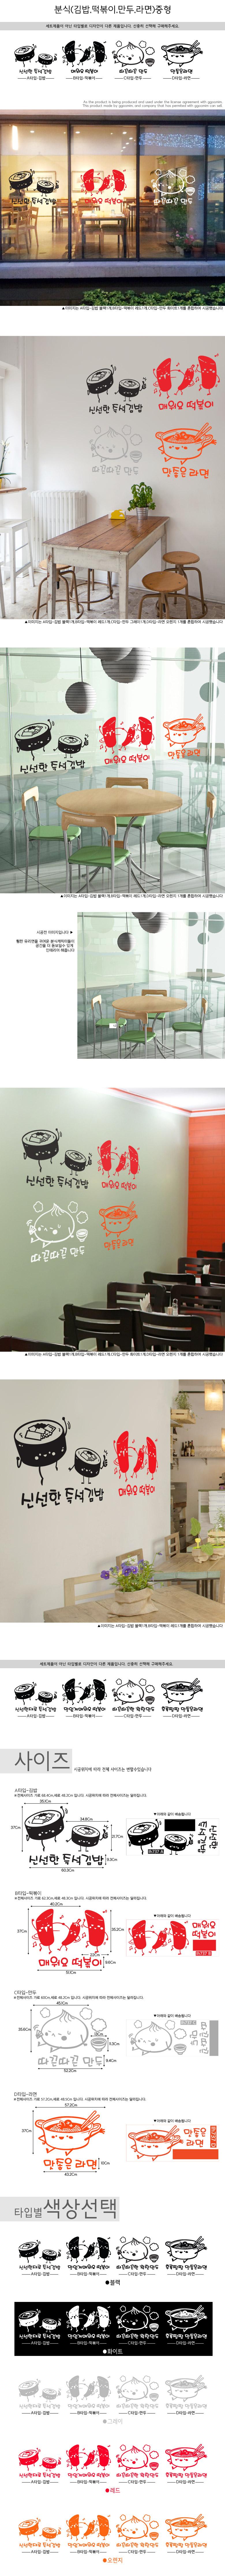 ih737-분식(김밥,떡볶이,만두,라면)중형_그래픽스티커 - 꾸밈, 19,200원, 월데코스티커, 캐릭터/코믹